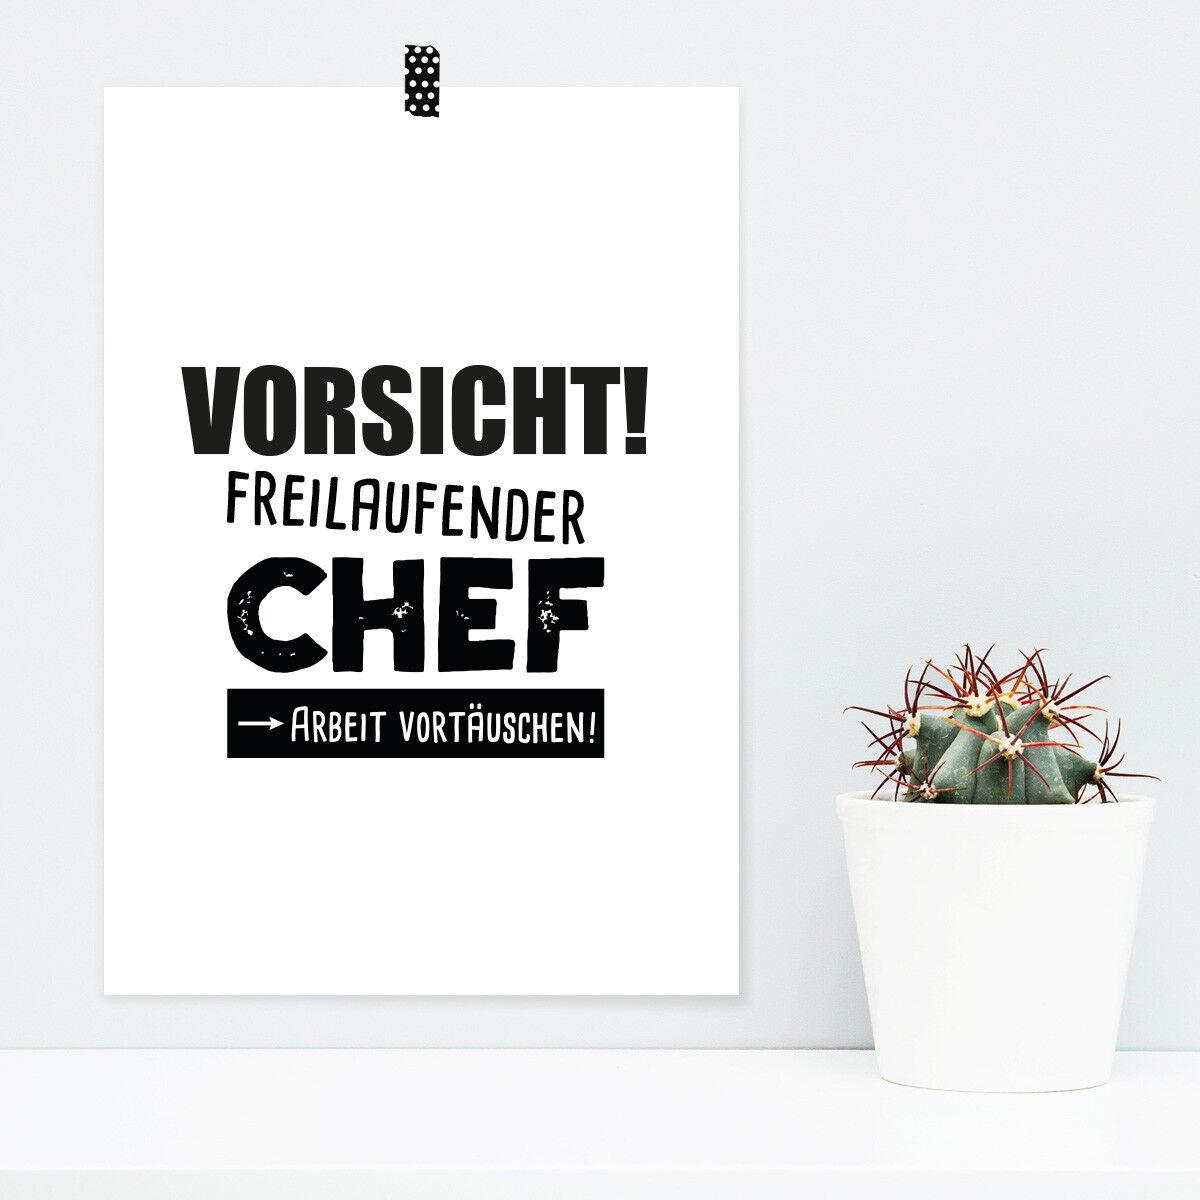 JUNIWORDS Poster  Vorsicht  Freilaufender Chef  Büro witzig lustig DIN A4 A3 A2